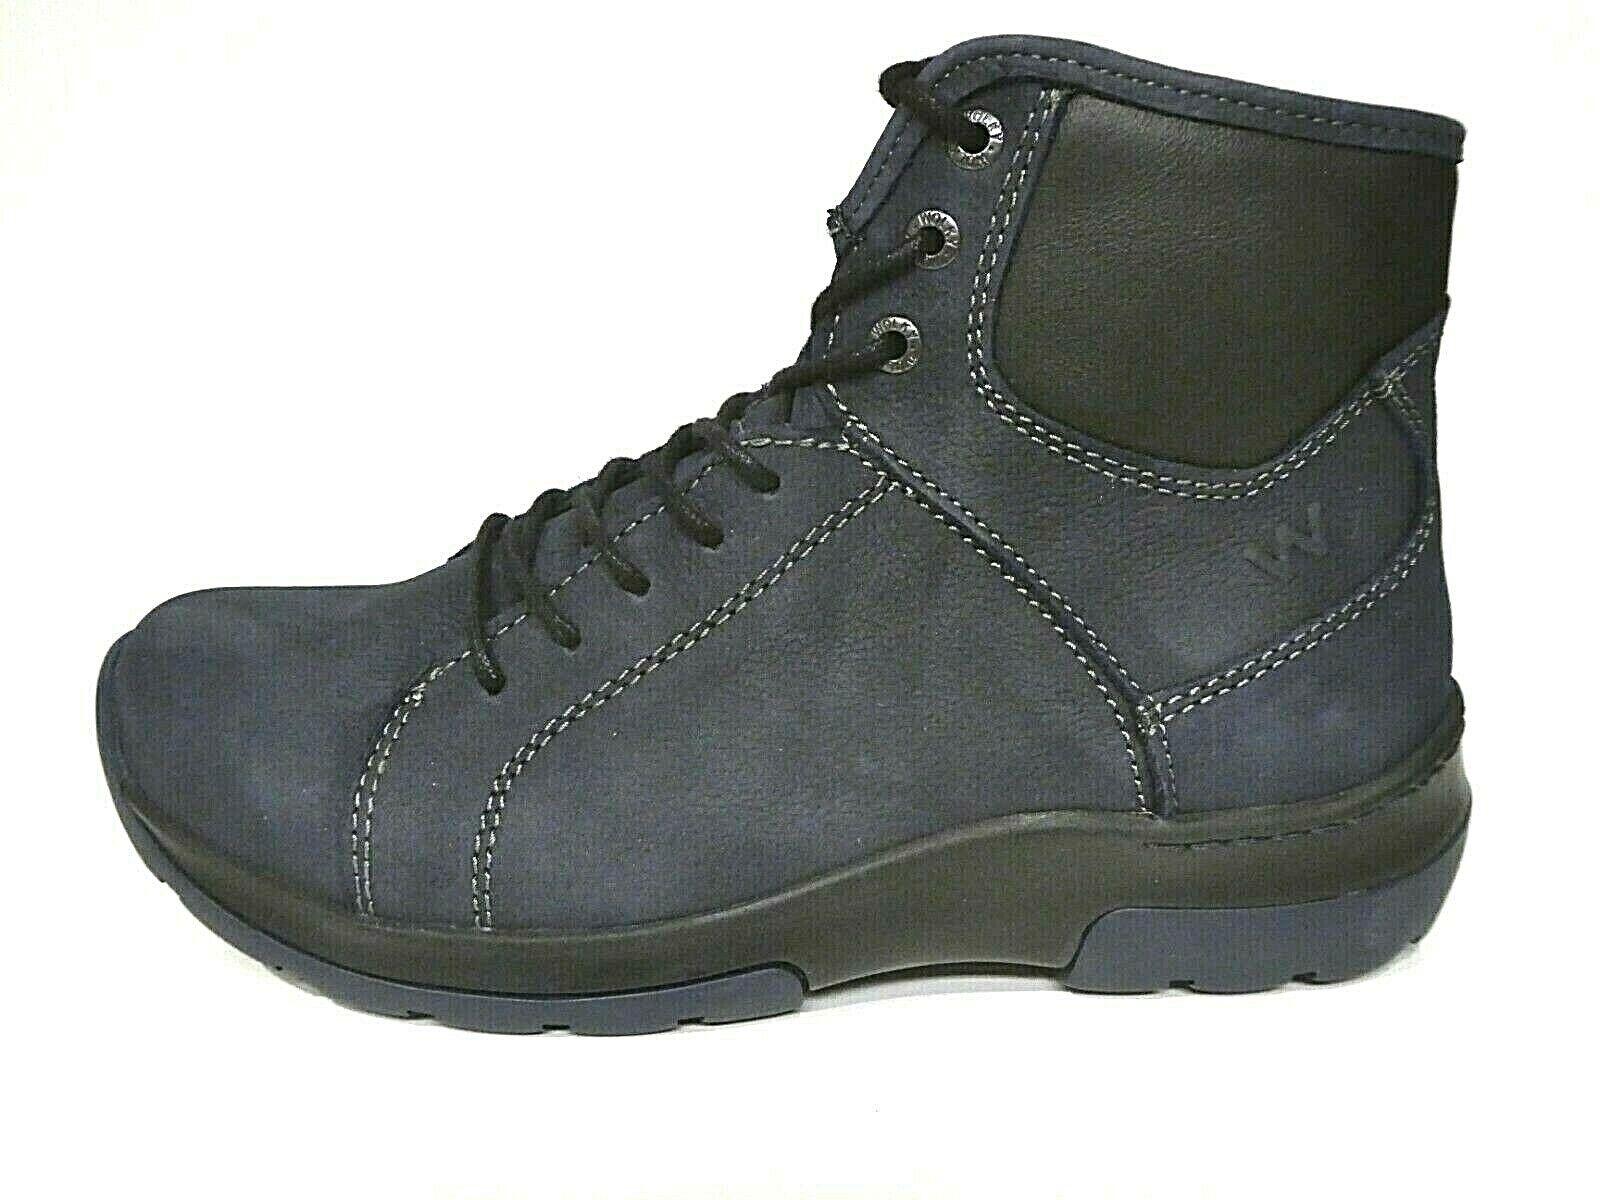 Wolky Schuhe Stiefel Stiefeletten Stiefel Ambient Antique blau Blau Leder Einlagen